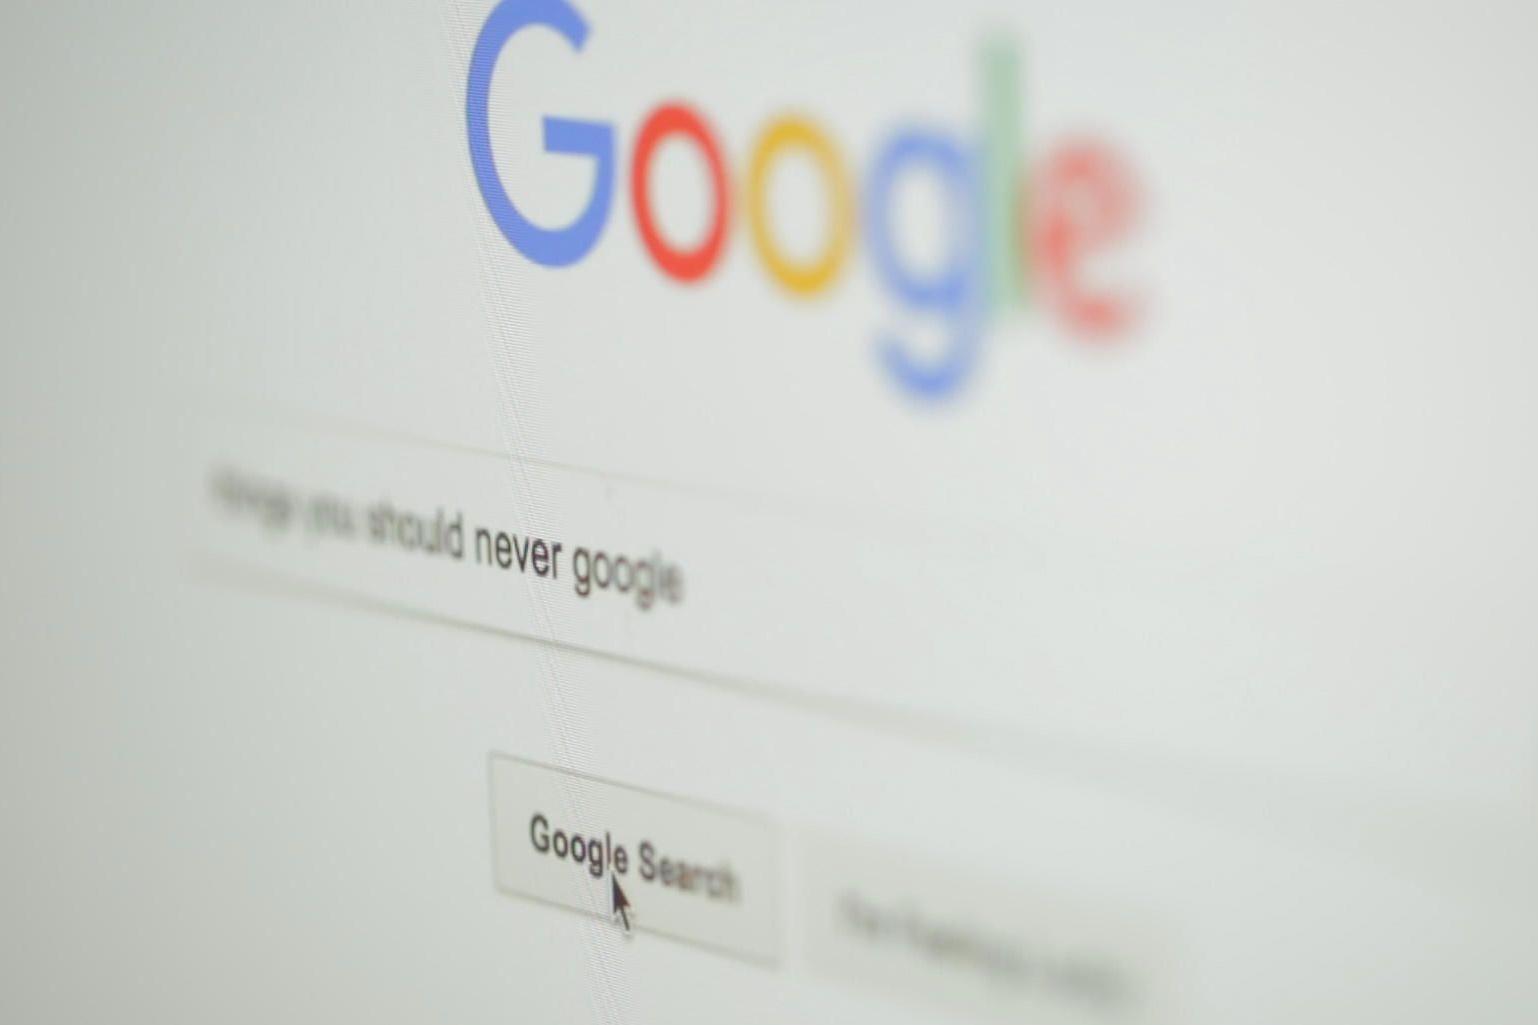 Imagem de 13 brincadeiras e curiosidades escondidas na busca do Google no tecmundo